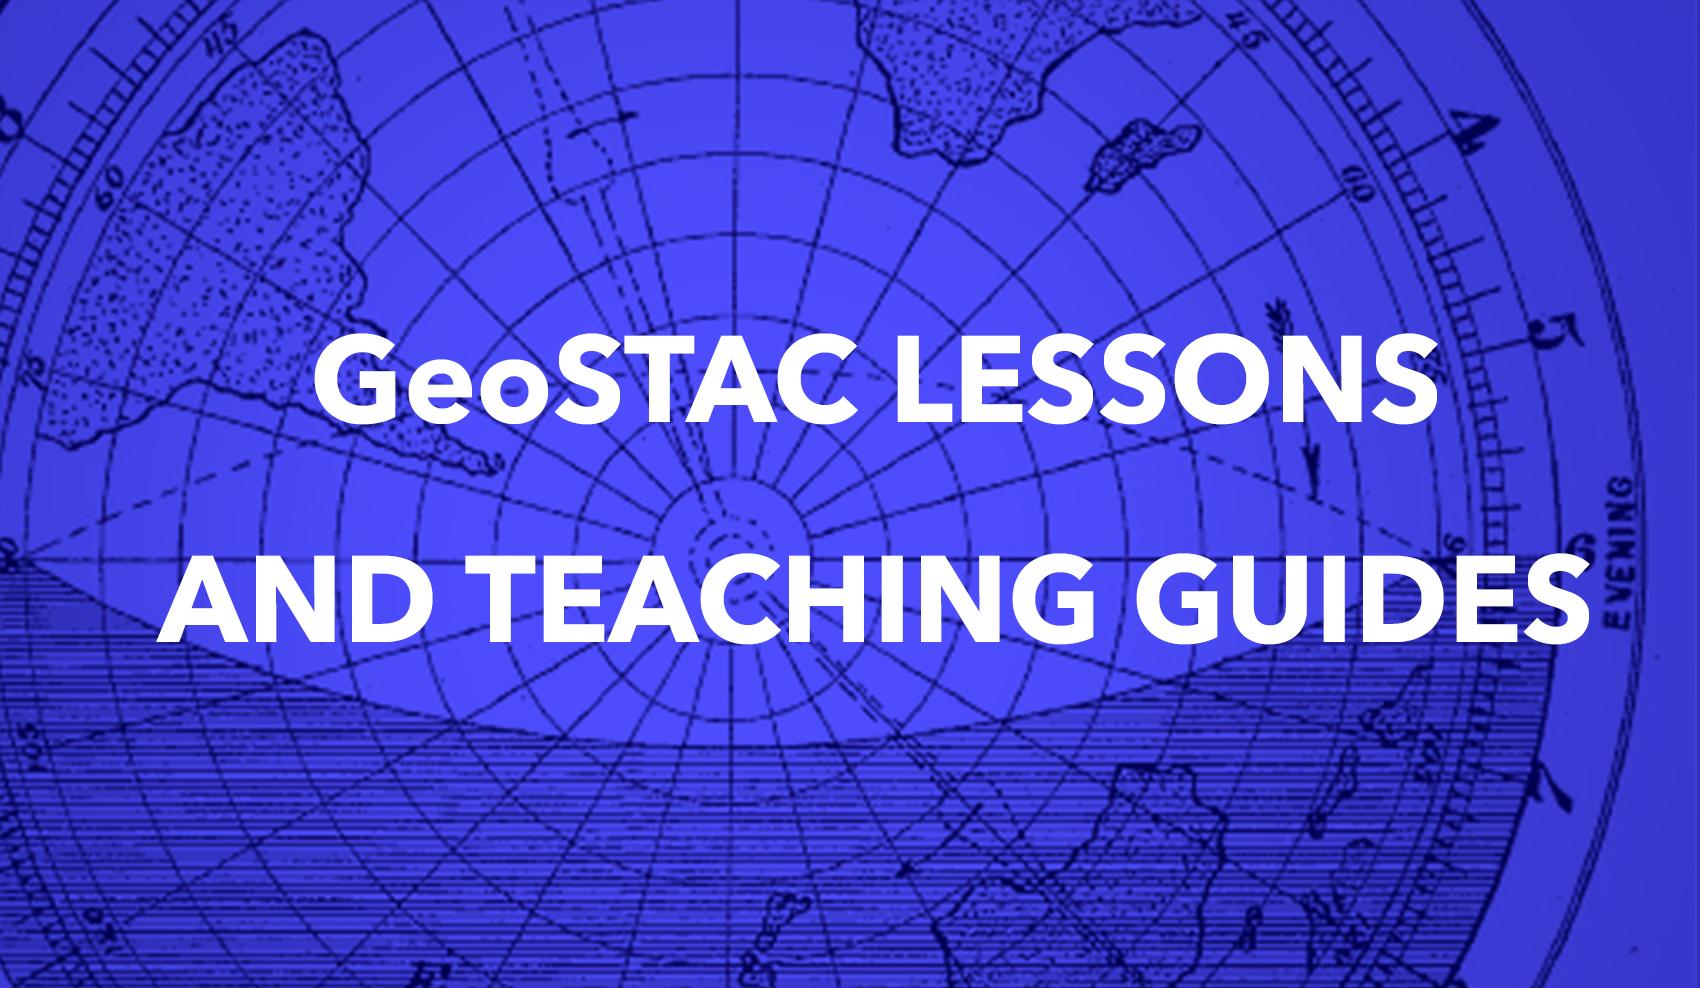 geostac_lessons_header1